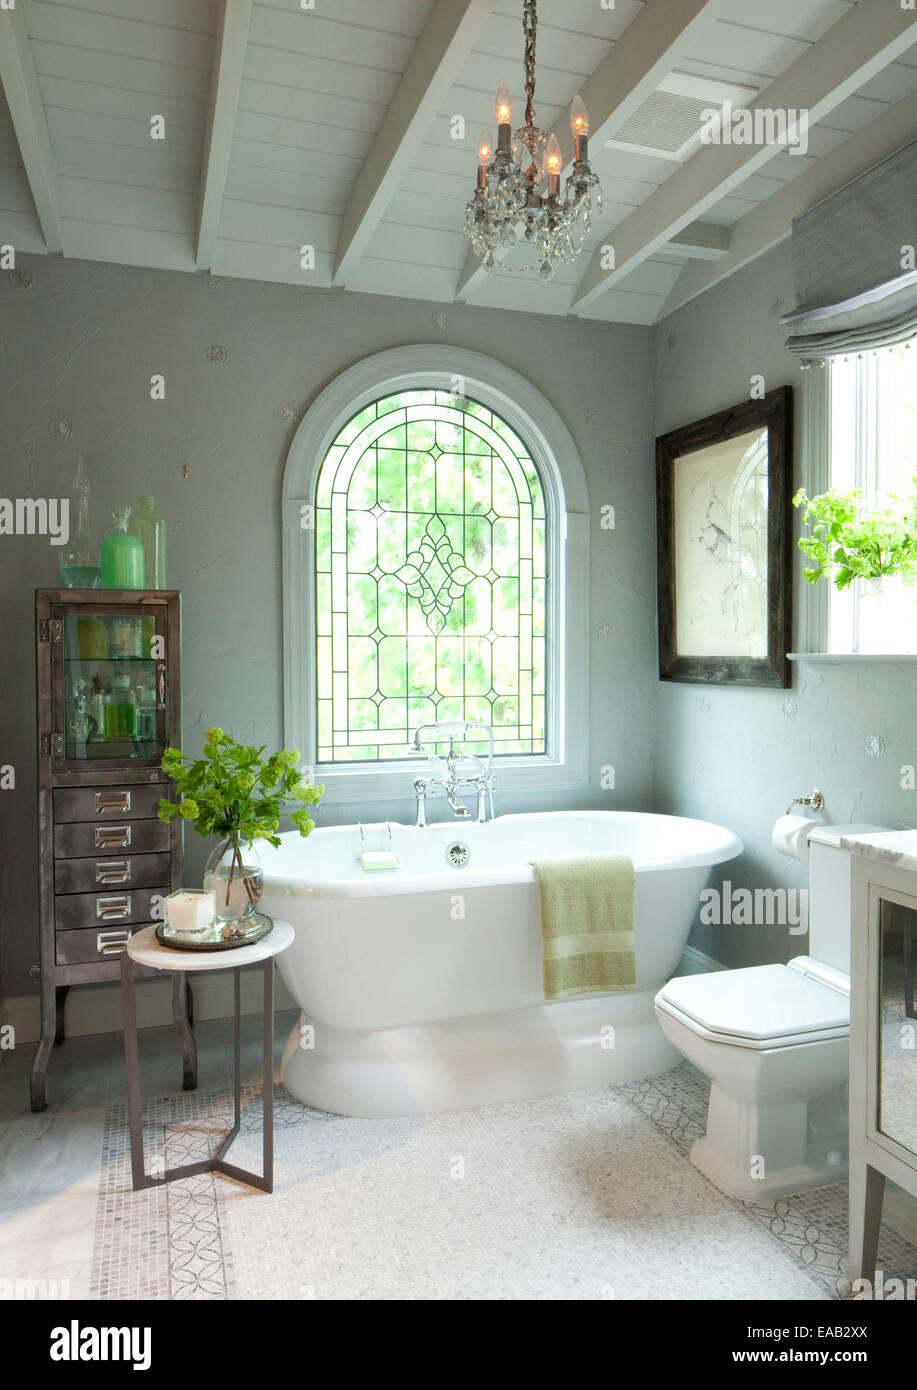 Moderne Badezimmer Mit Großem Fenster Und Keramische Wanne.